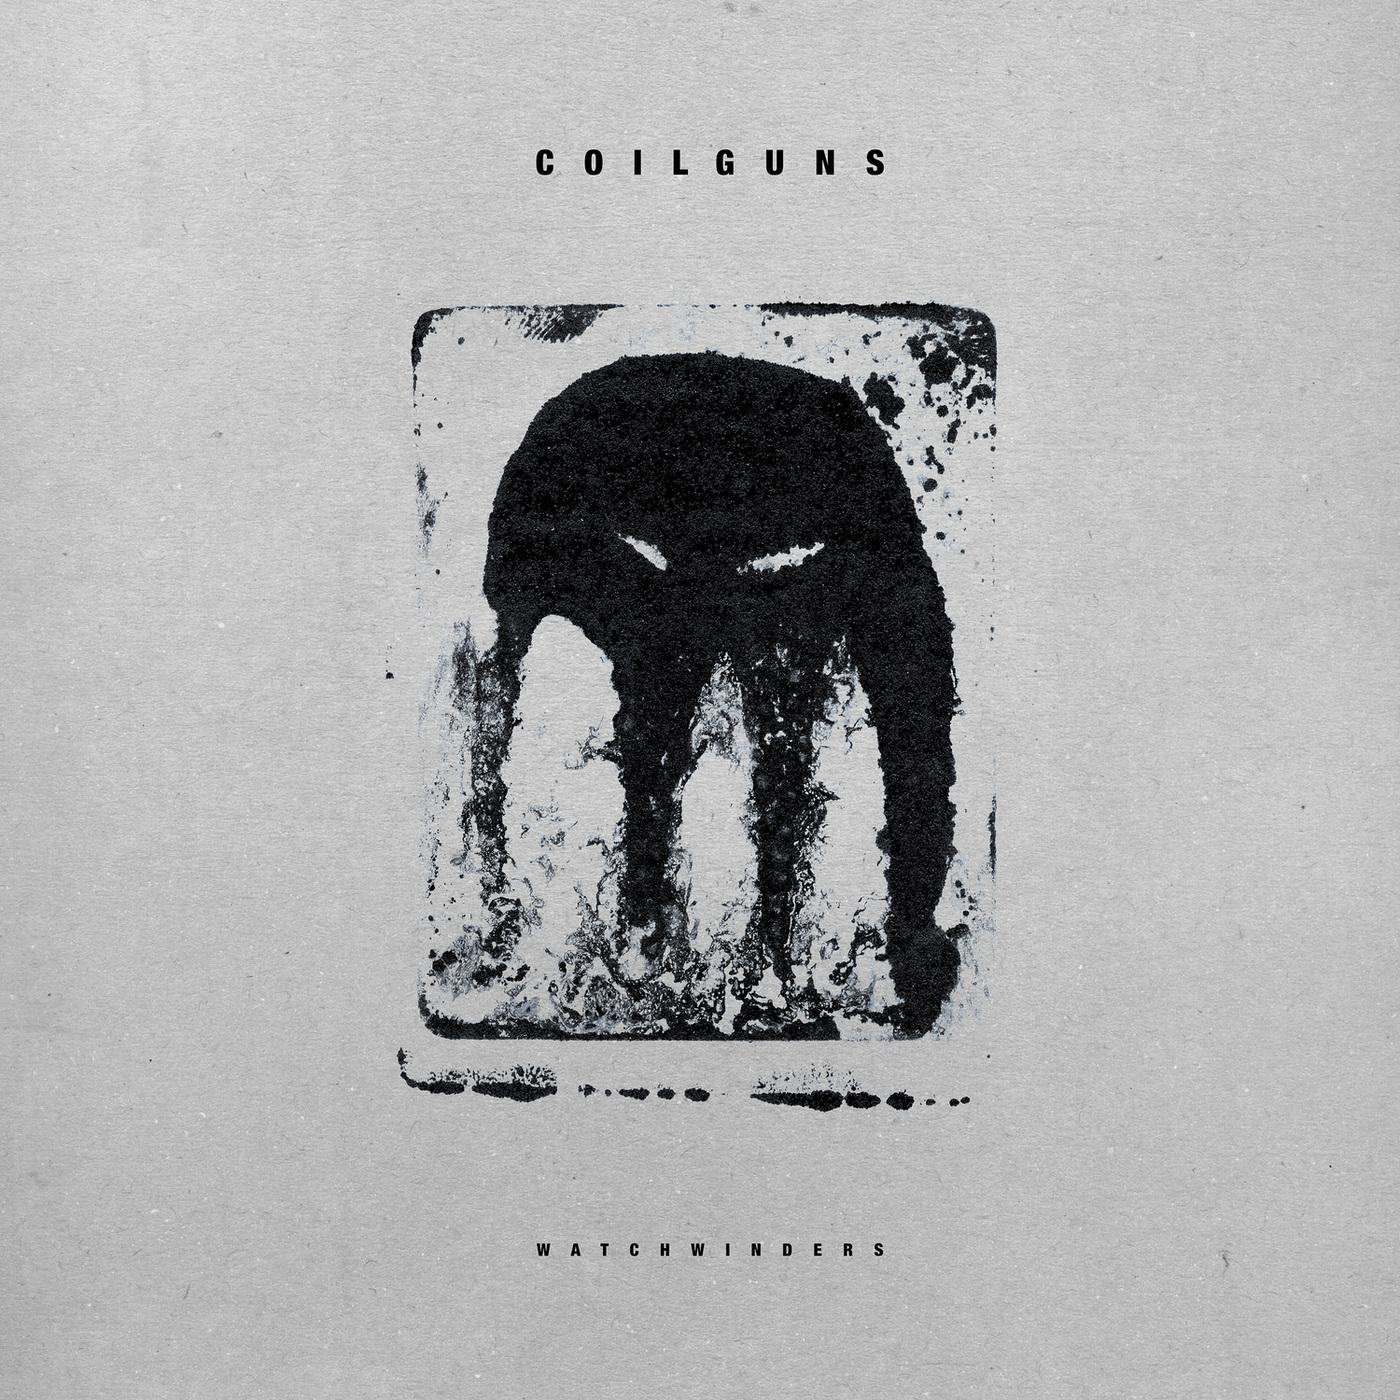 Coilguns - Watchwinders (2019)